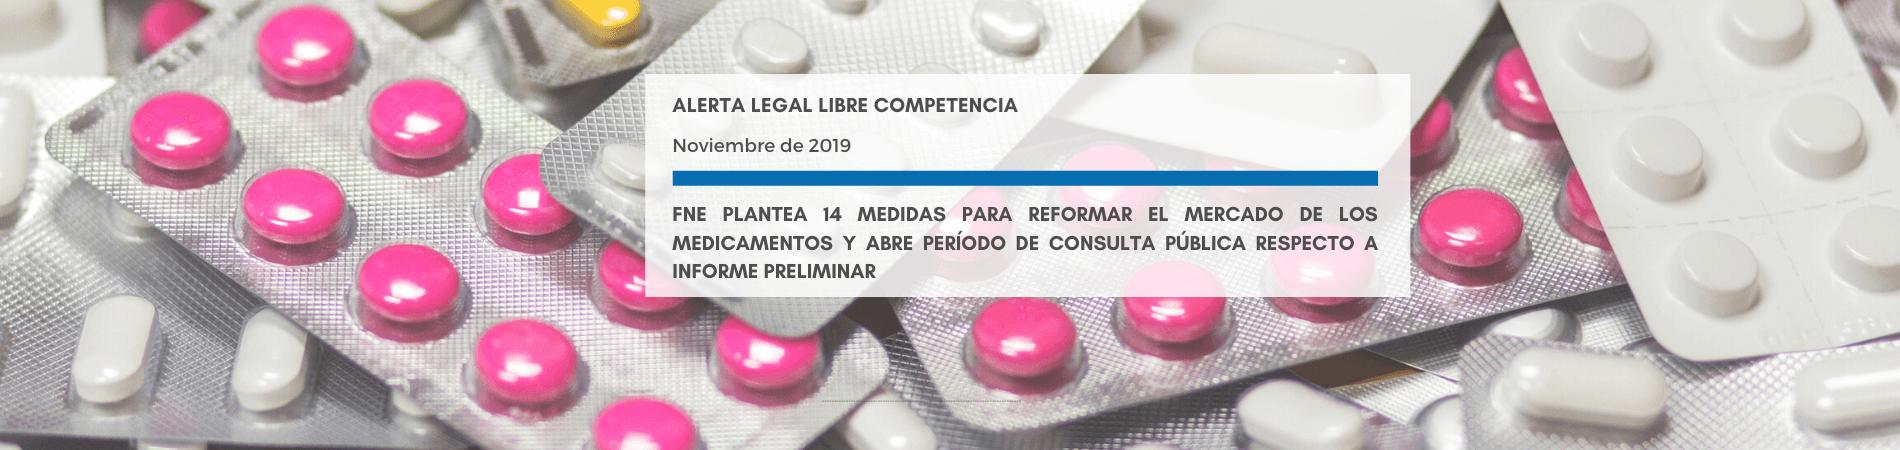 Alerta Legal | FNE Plantea 14 Medidas para Reformar el Mercado de los Medicamentos y abre período de Consulta Pública respecto a Informe Preliminar